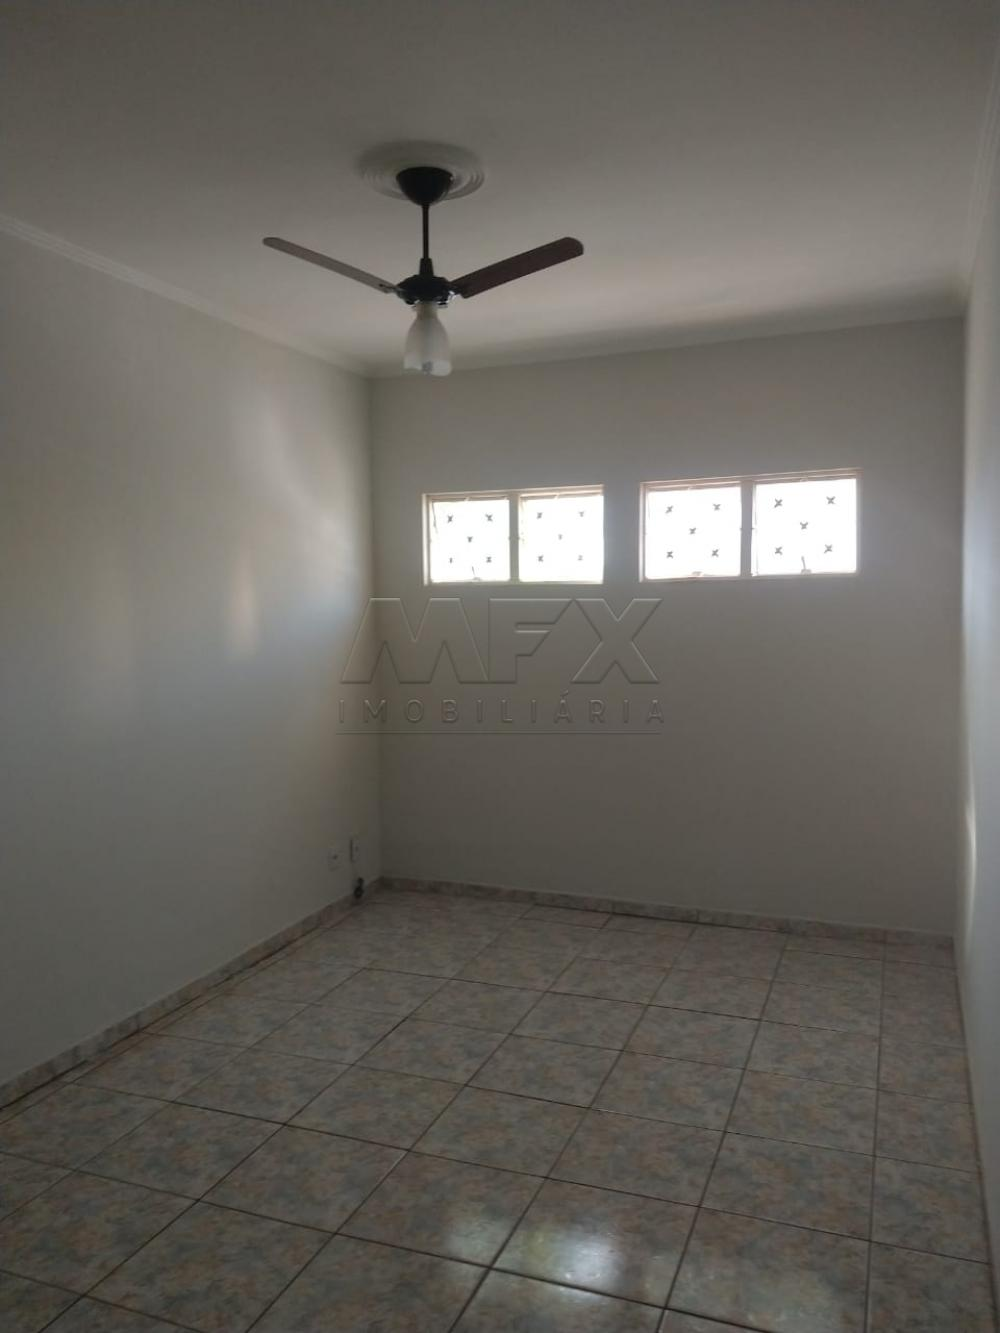 Comprar Casa / Padrão em Bauru R$ 300.000,00 - Foto 4